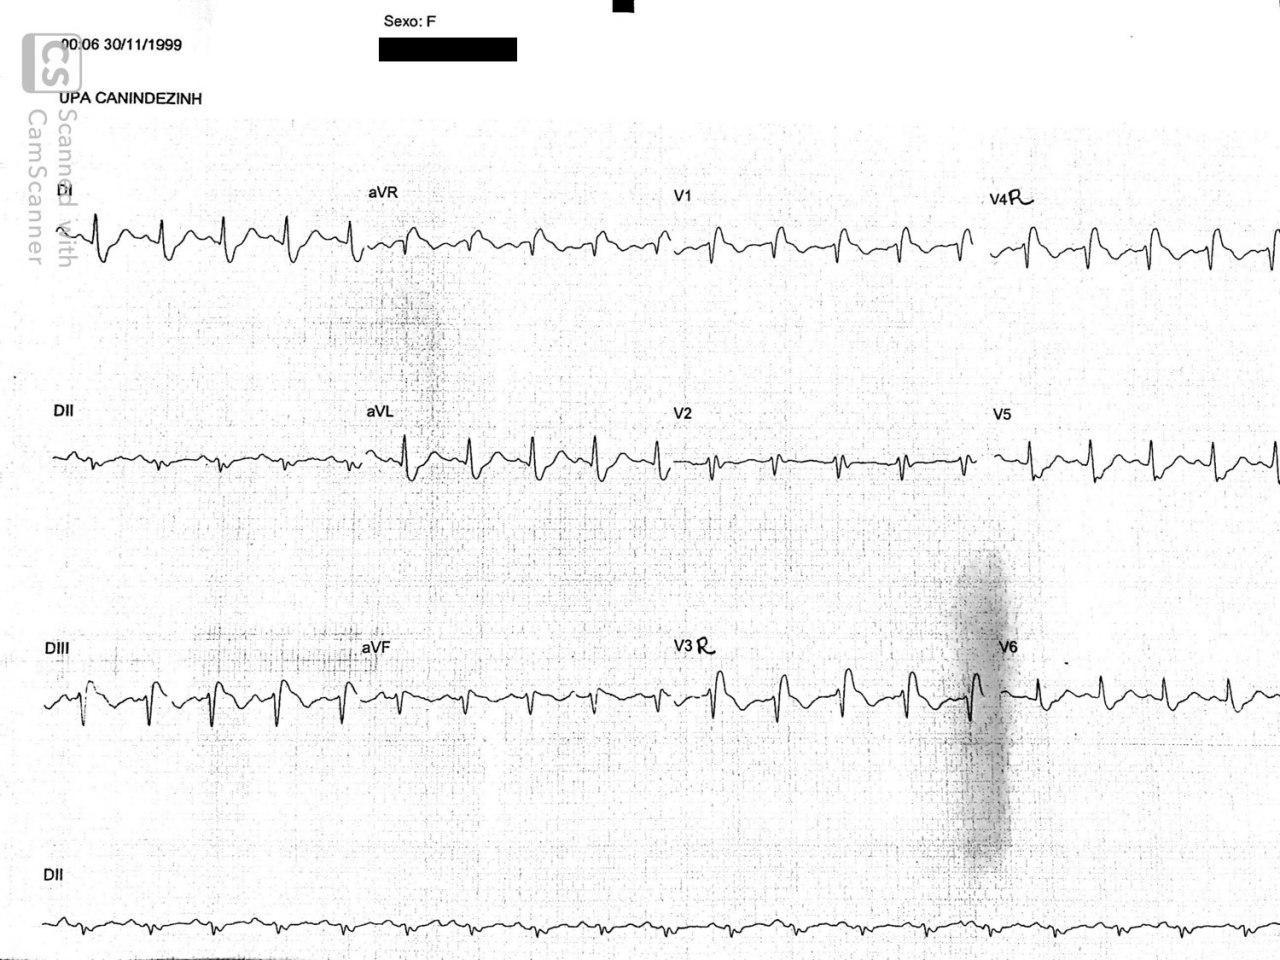 Paciente de 48 años que presenta súbito dolor toráccico, relajación de esfínteres y síncope con presencia de BRD intermitente por presentar TEP bilateral con respuesta exitosa a la trombolisis